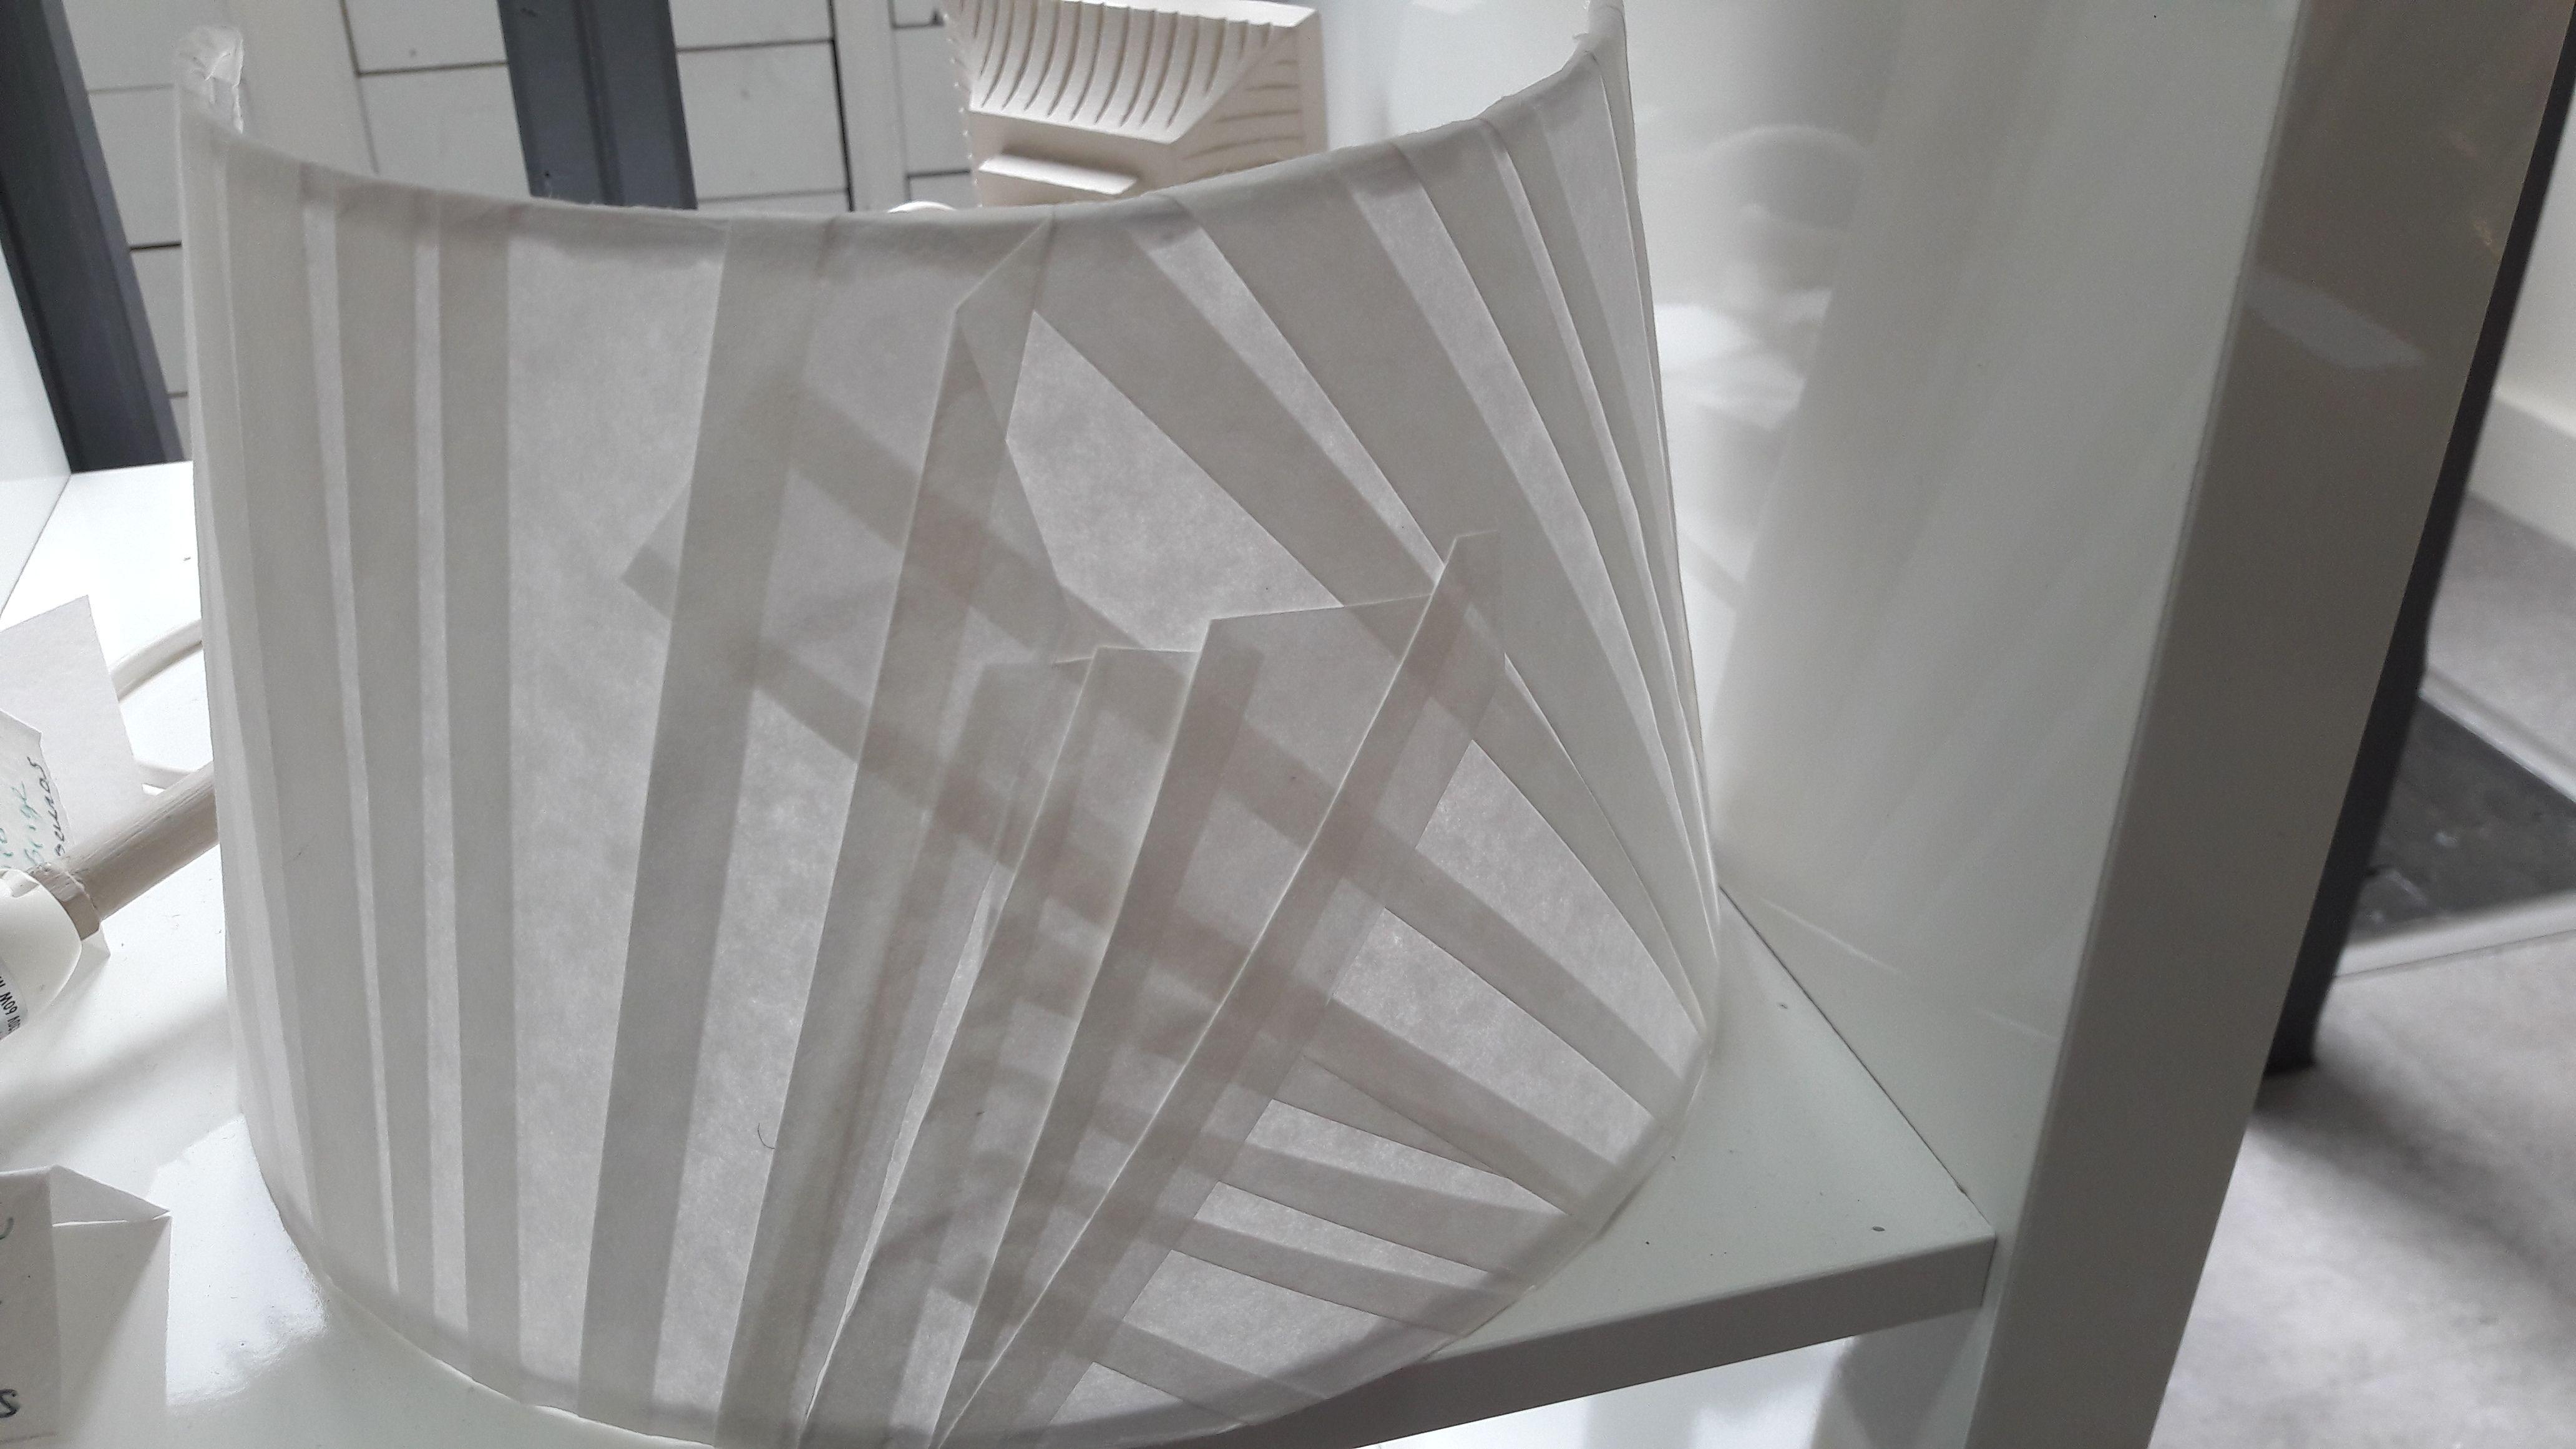 Applique réalisée en papier plissée pour un jeu d'ombre et de lumière